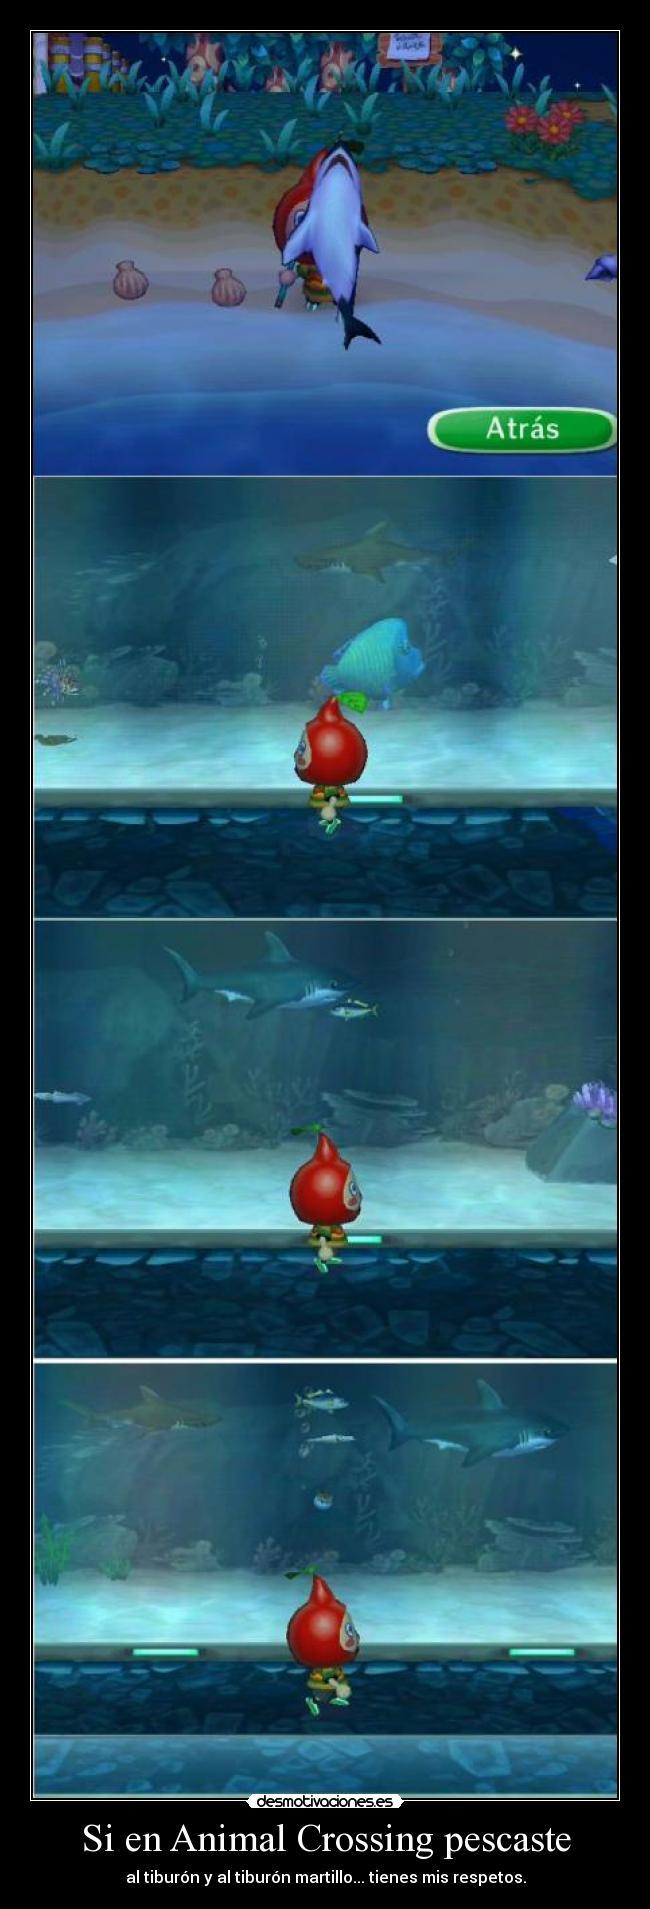 Si en Animal Crossing pescaste - al tiburón y al tiburón martillo... tienes mis respetos.